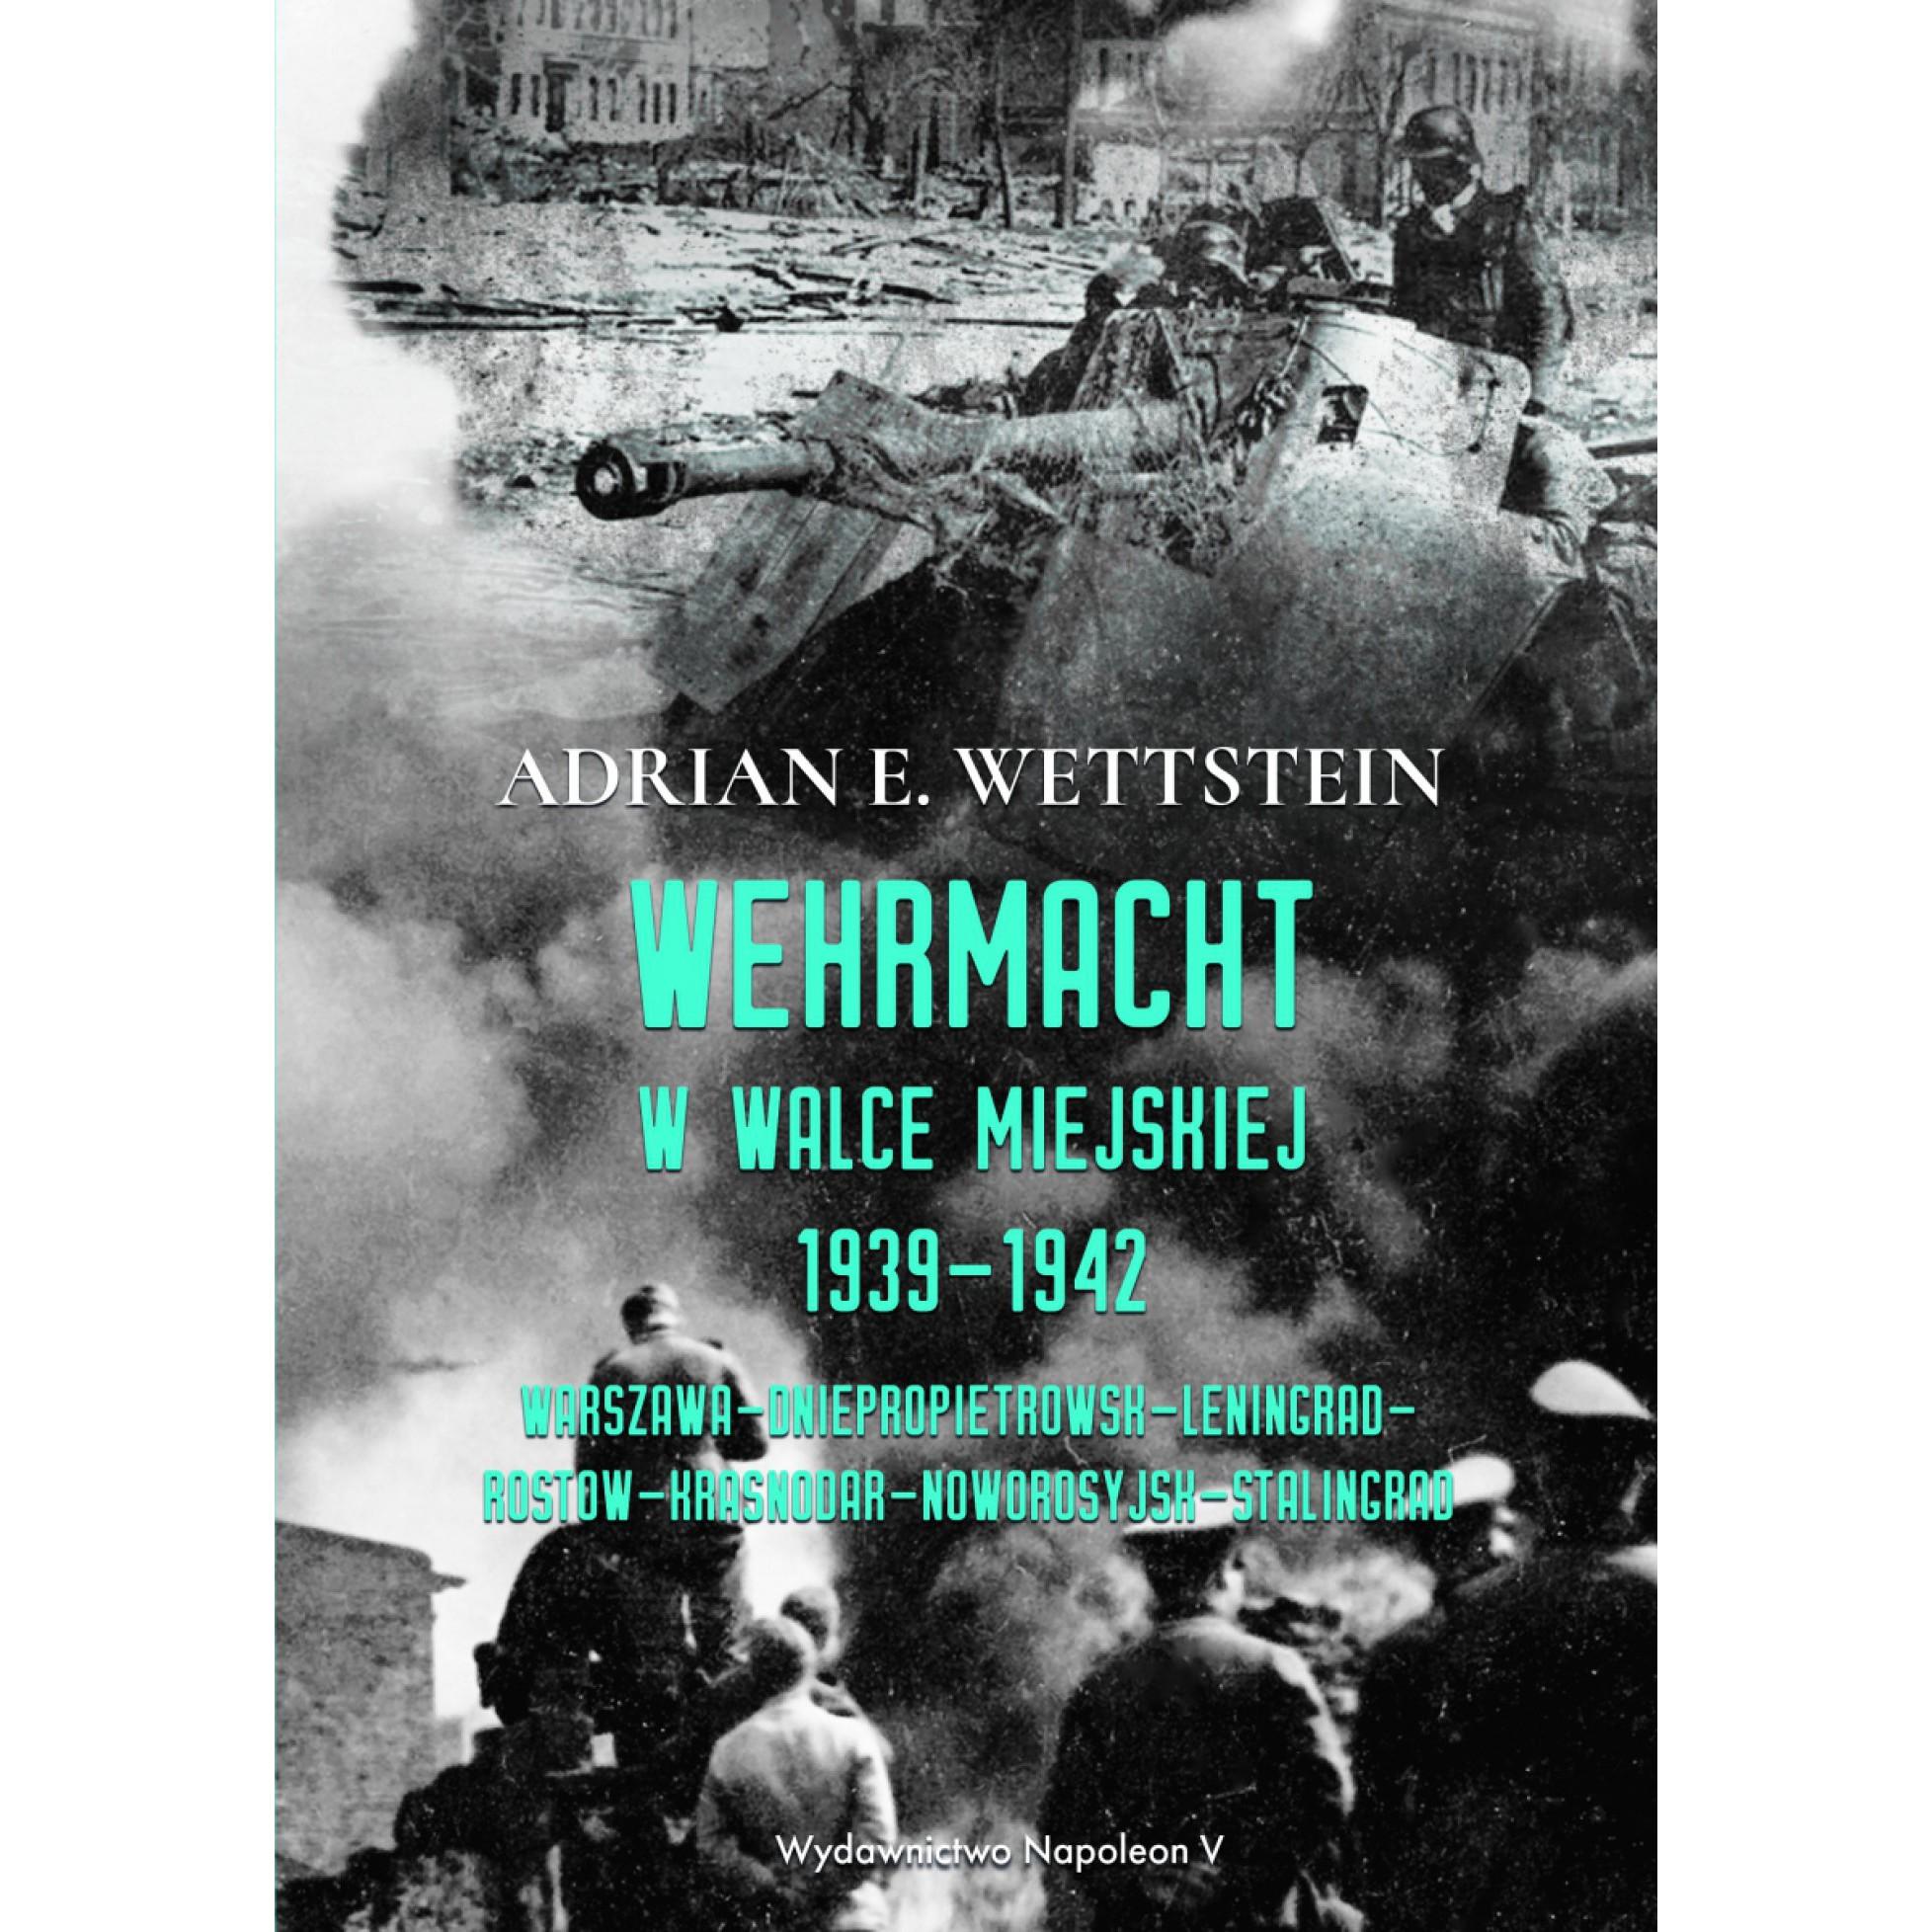 Wehrmacht w walce miejskiej 1939-1942